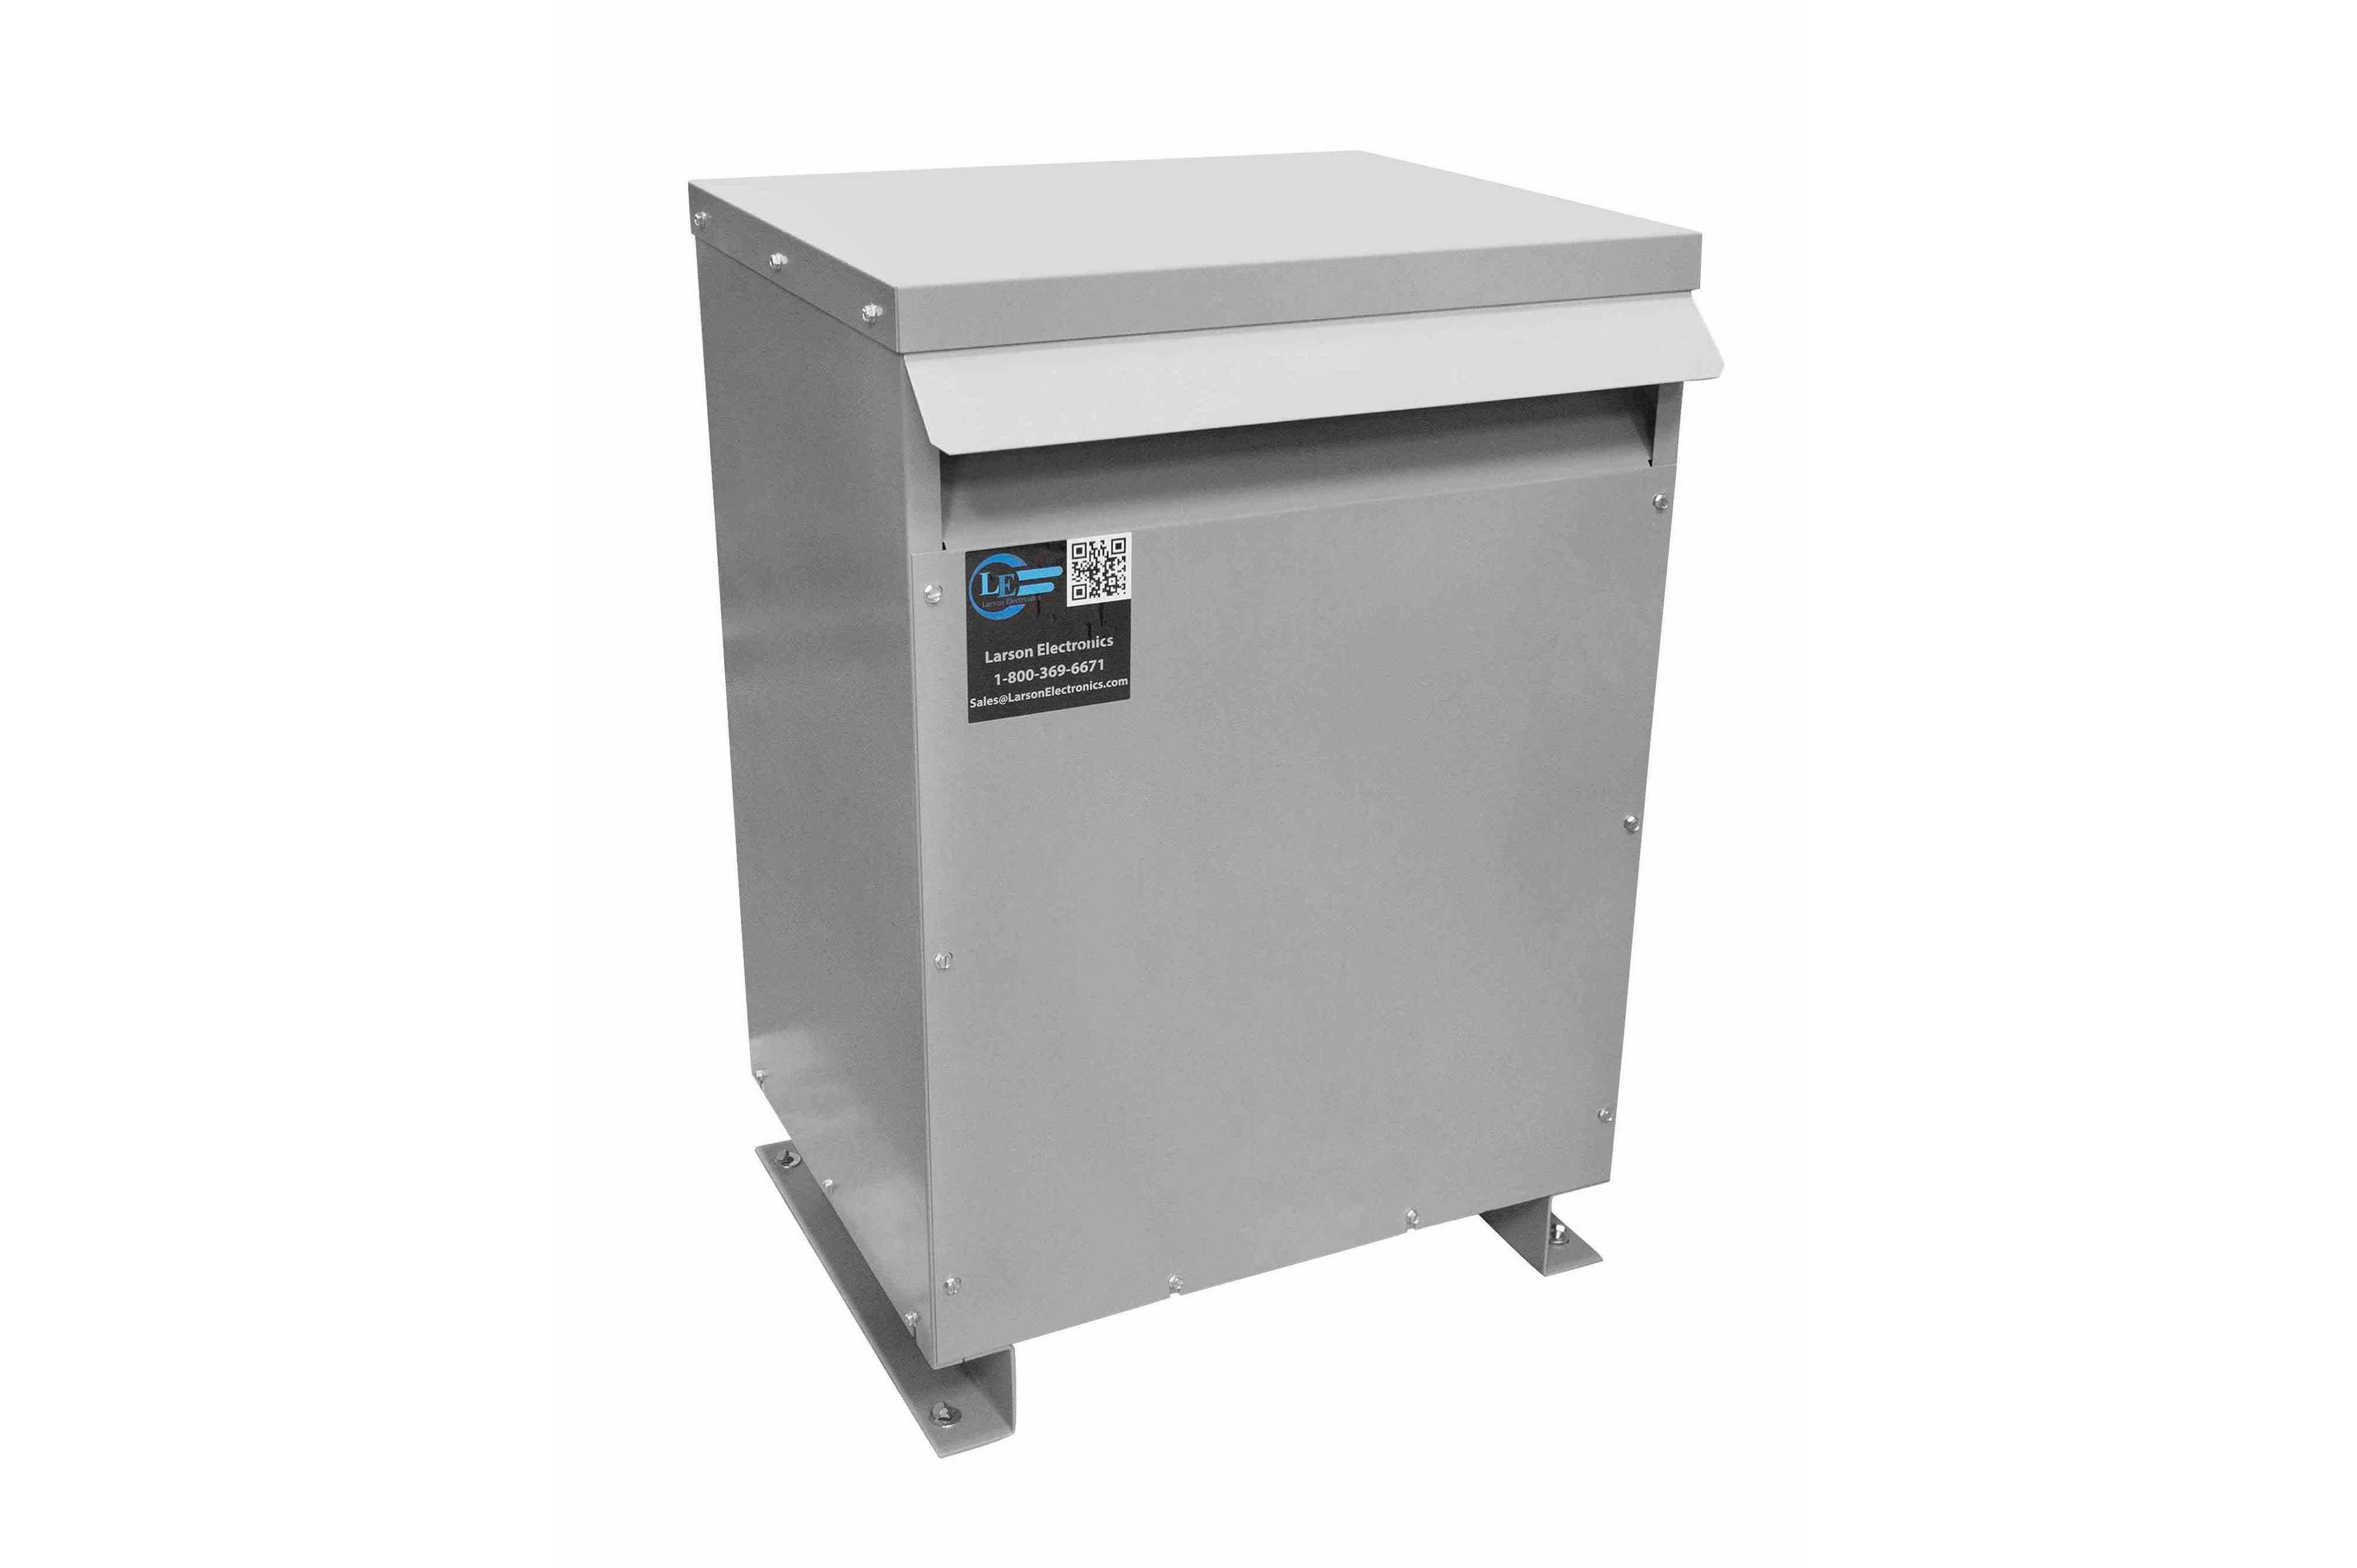 40 kVA 3PH Isolation Transformer, 240V Delta Primary, 380V Delta Secondary, N3R, Ventilated, 60 Hz